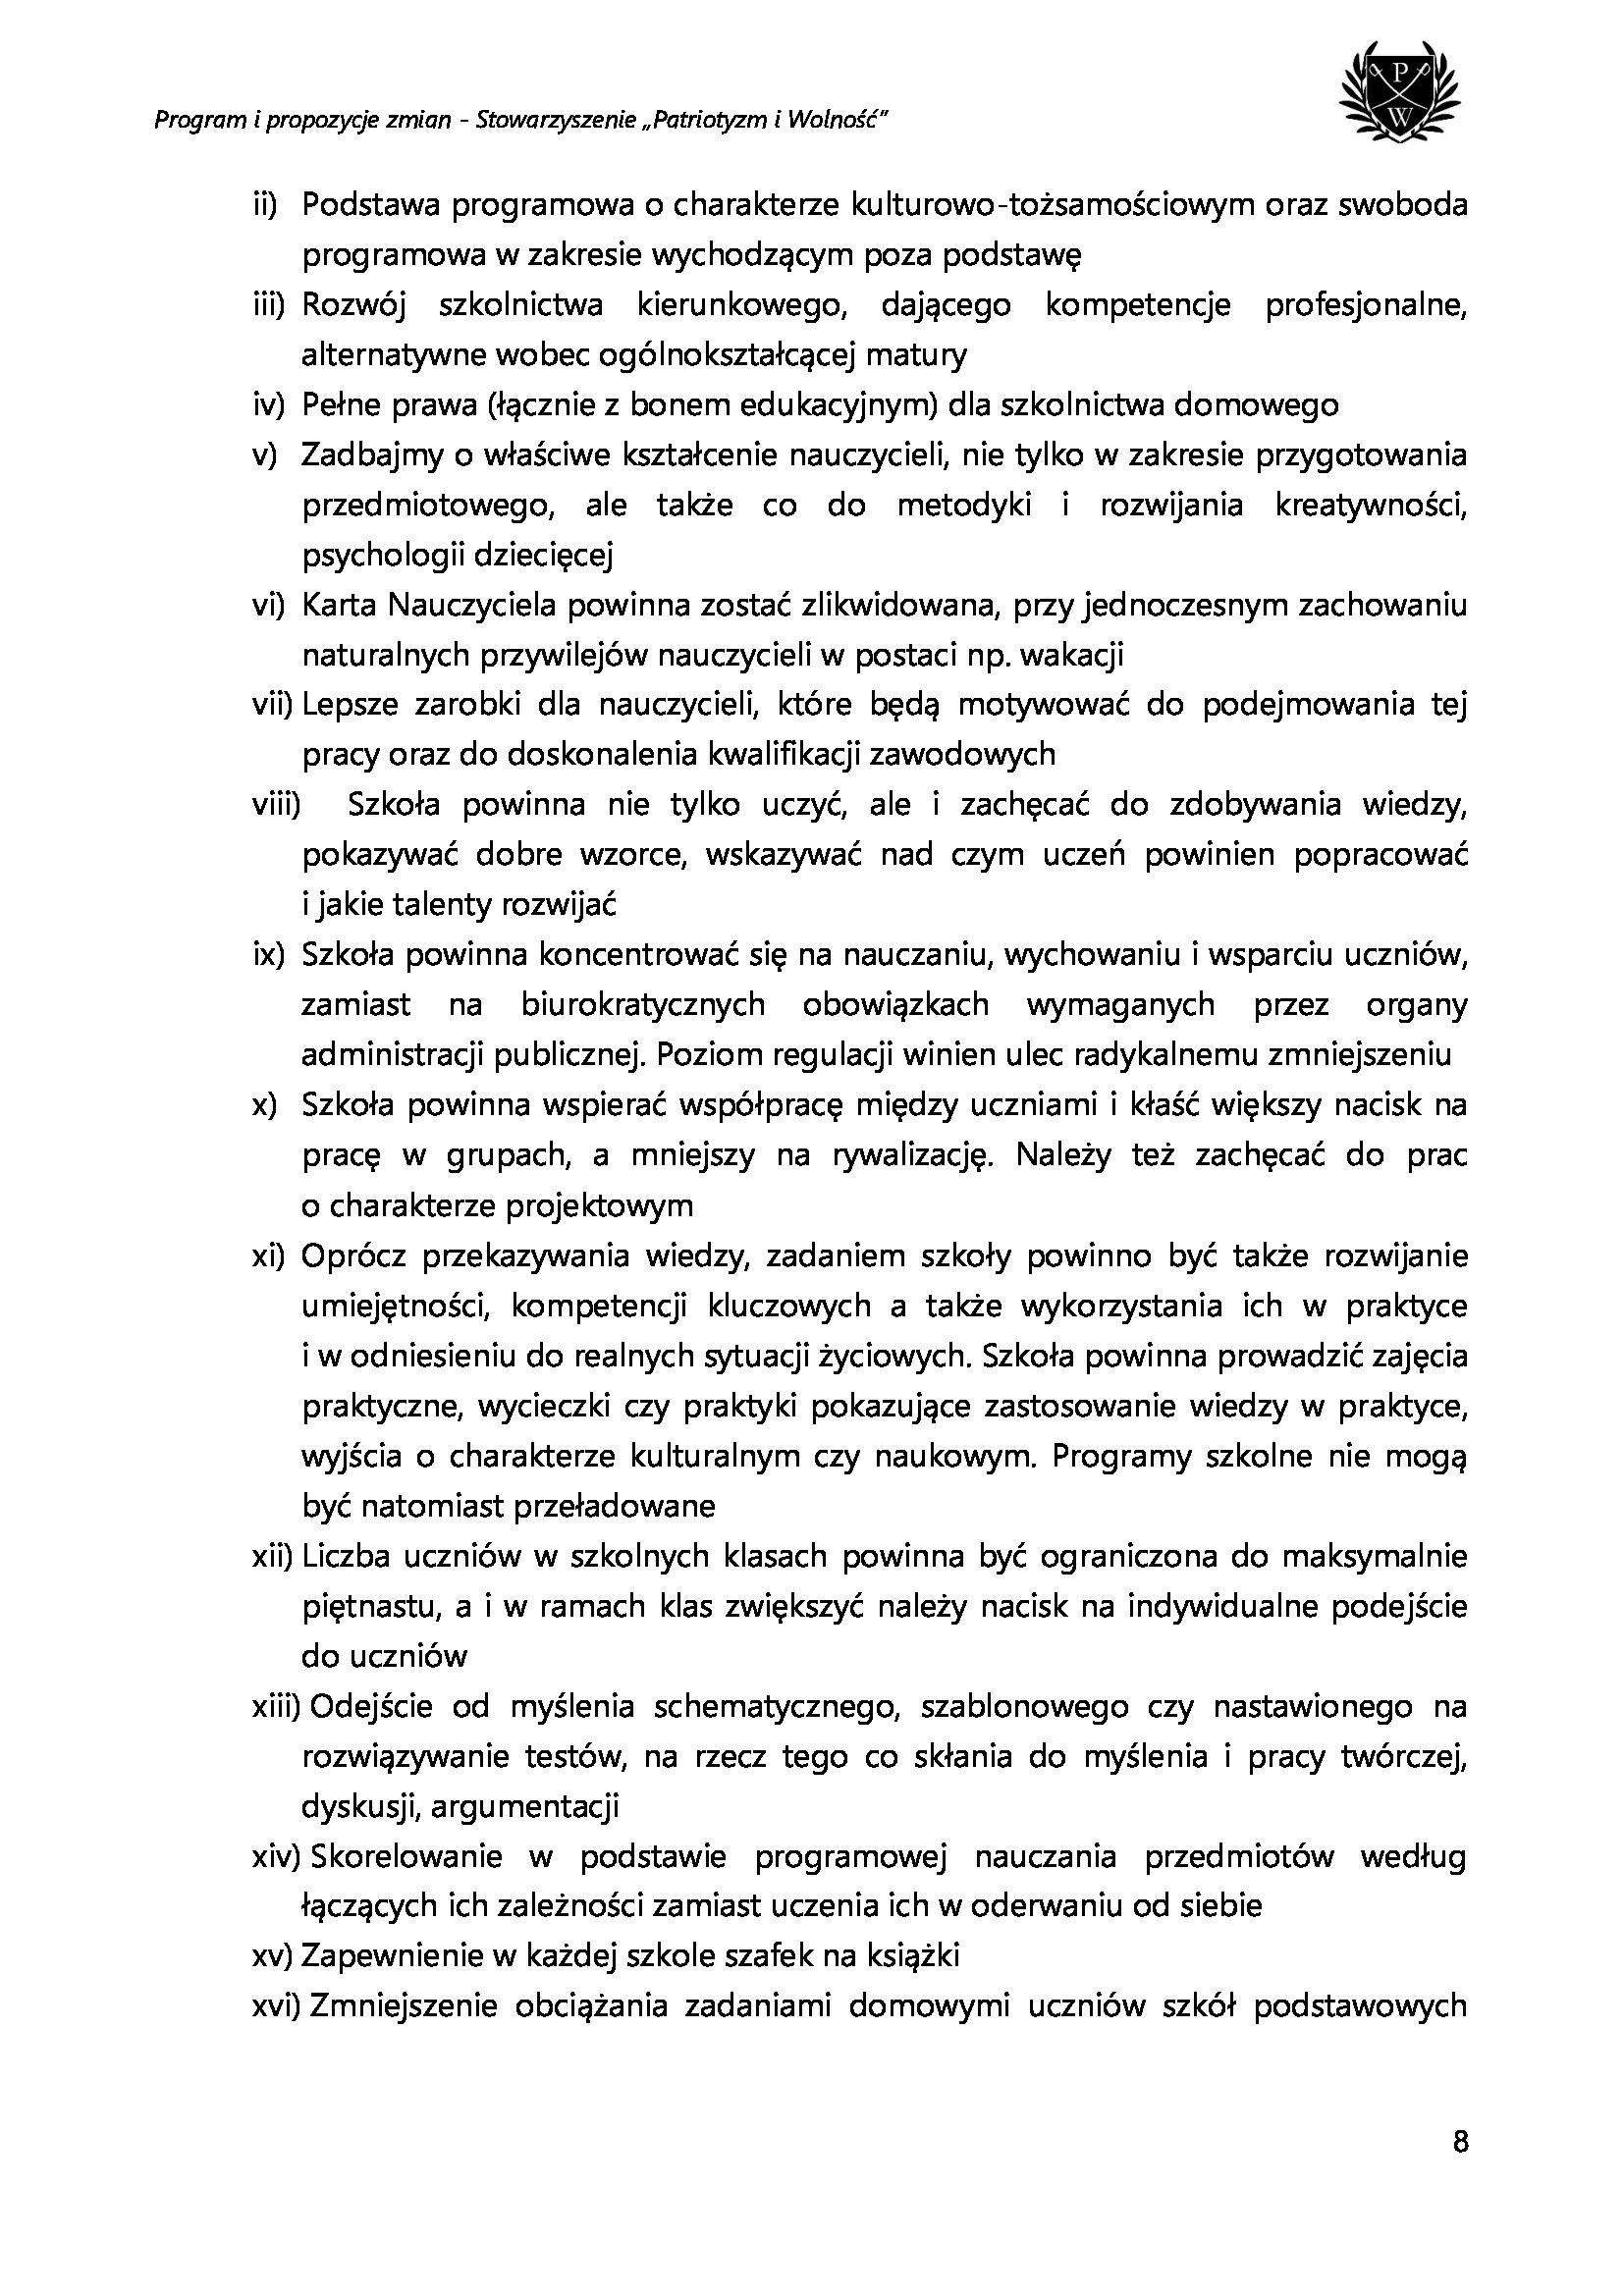 db9e272ef5a9a2e66d26f1905be6c507-8